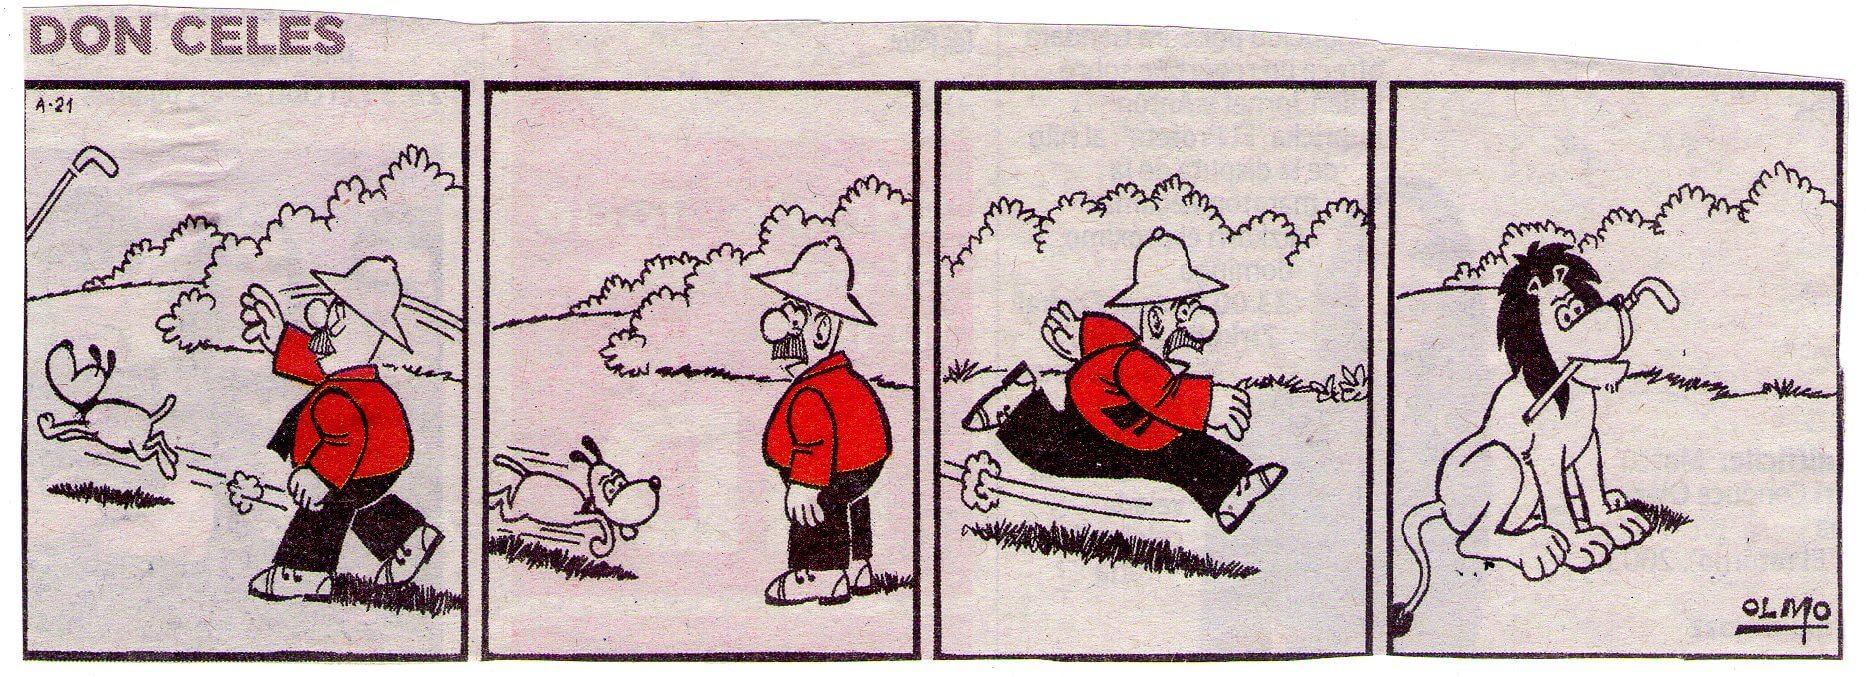 Don Celes buscando el palo